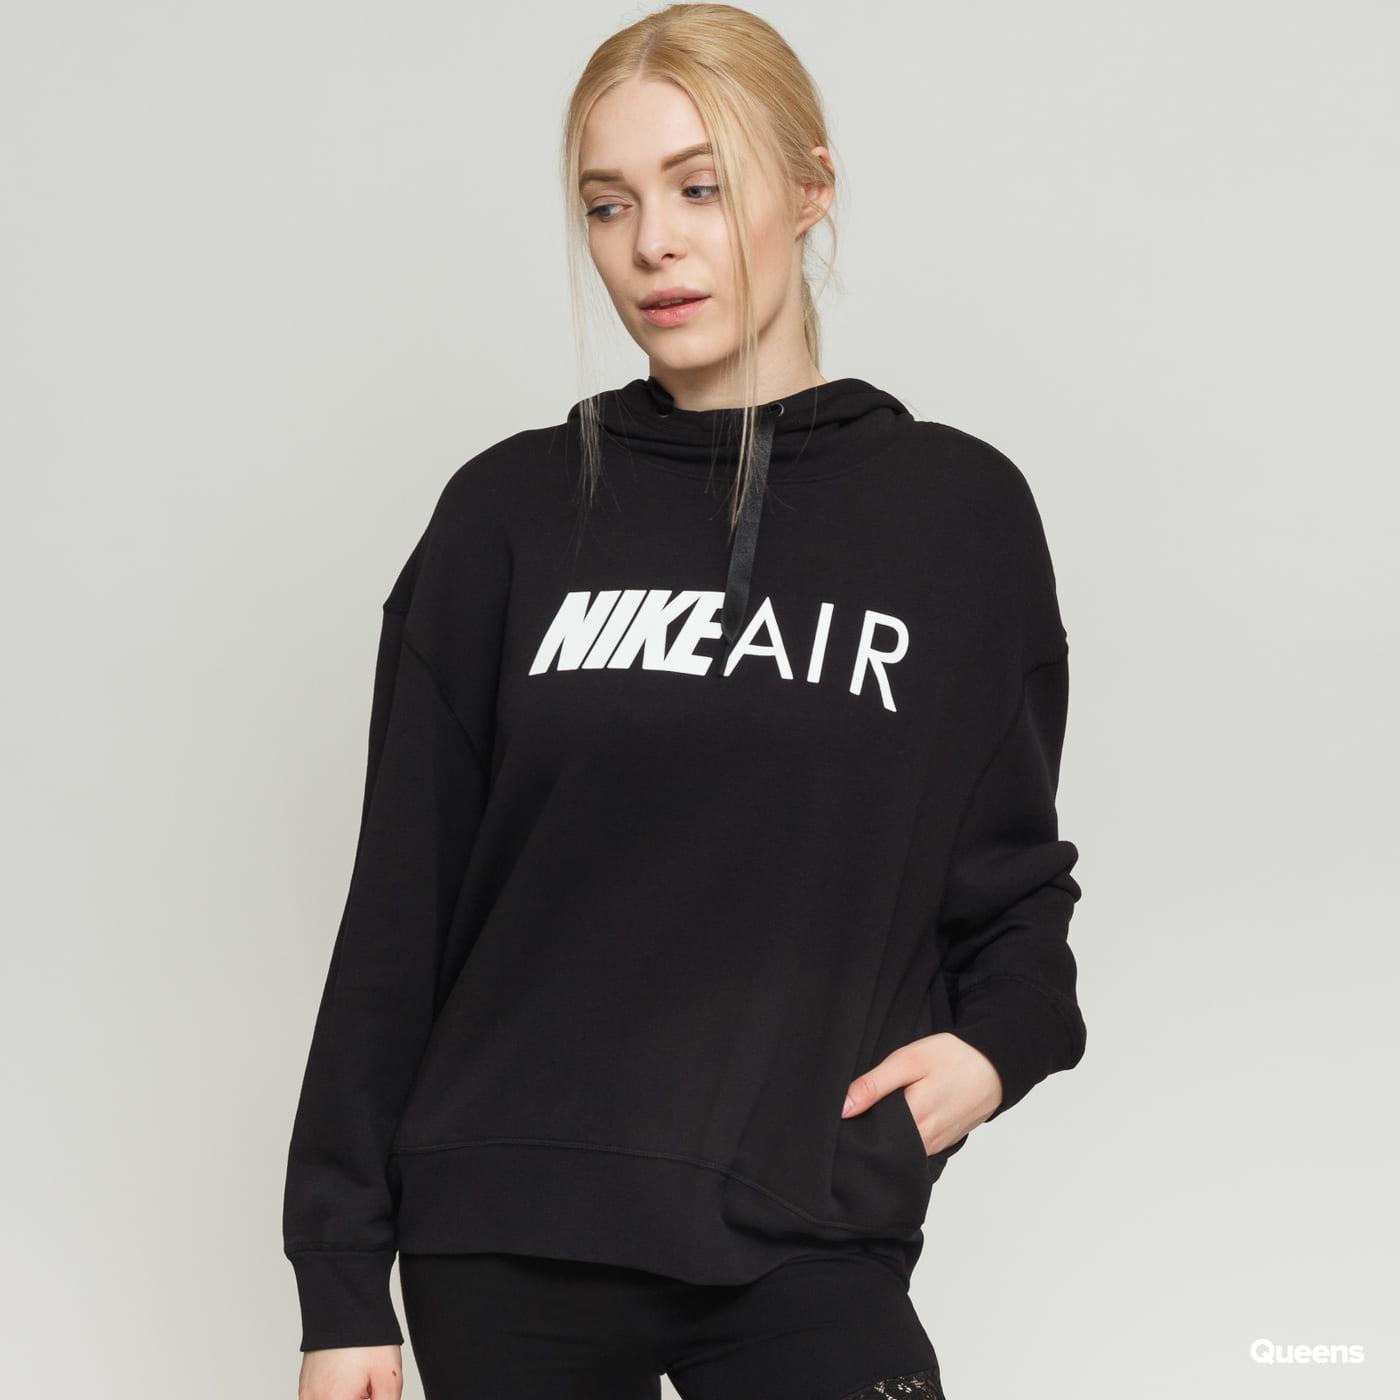 W Po Black Nsw Hoodie Nike Air w8OvnymN0P